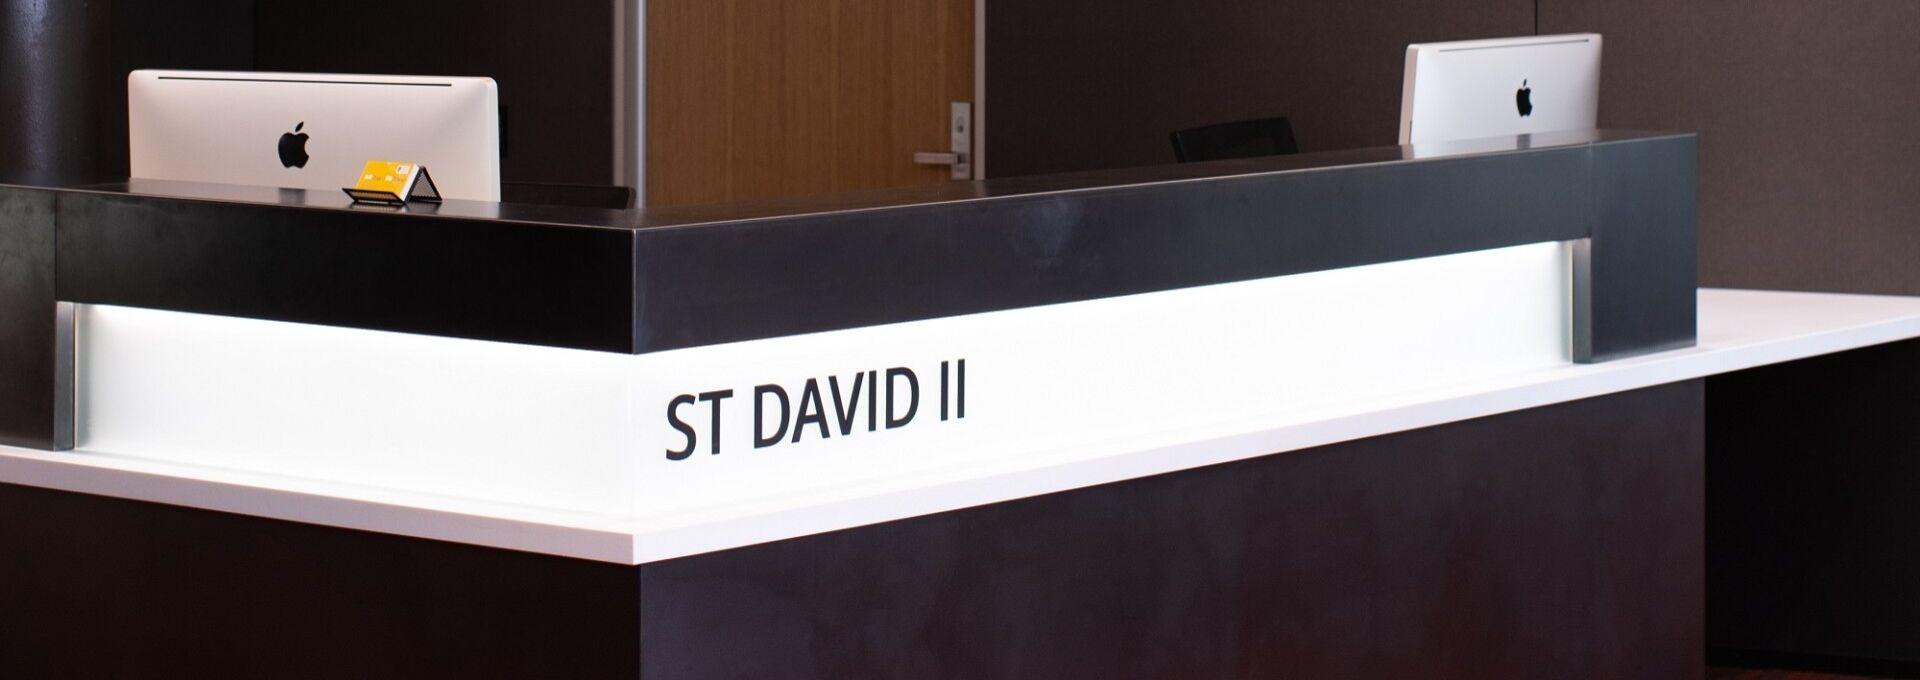 projects st david II otago4